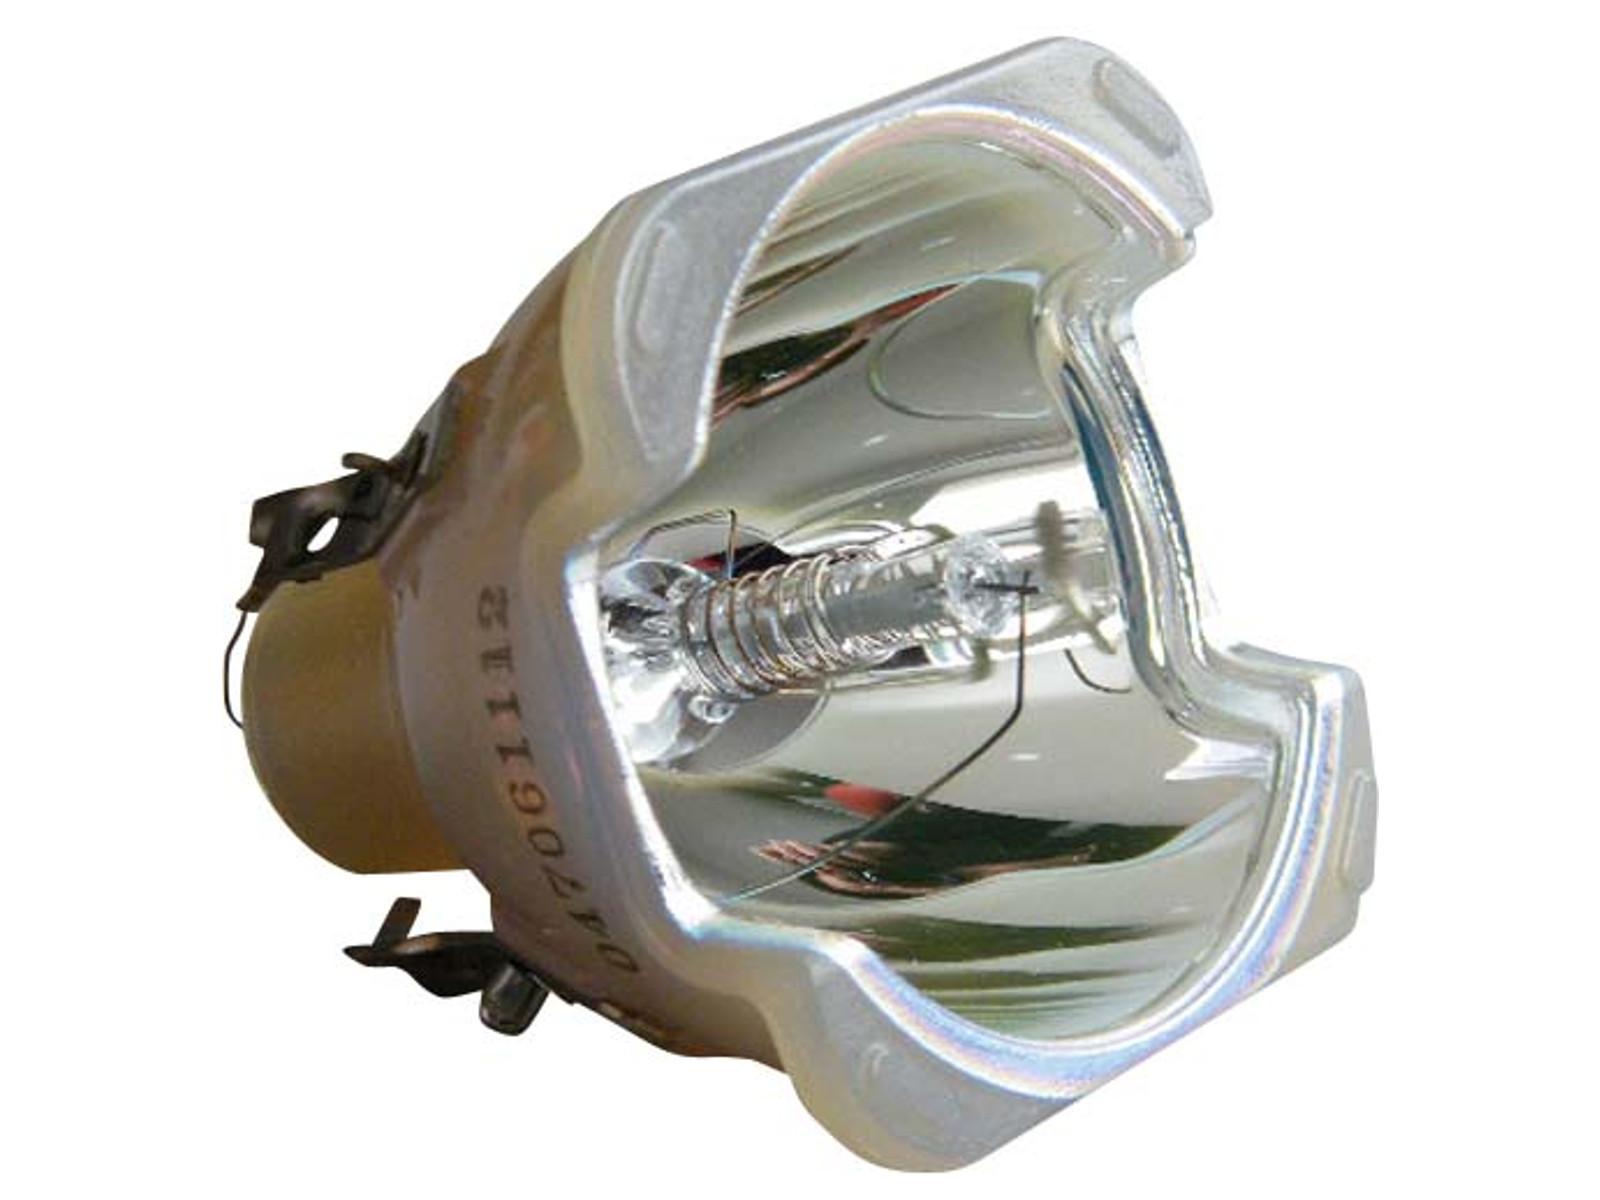 Lampa pro projektor LG AJ-LDX5, EAQ41361101 Lampa Philips